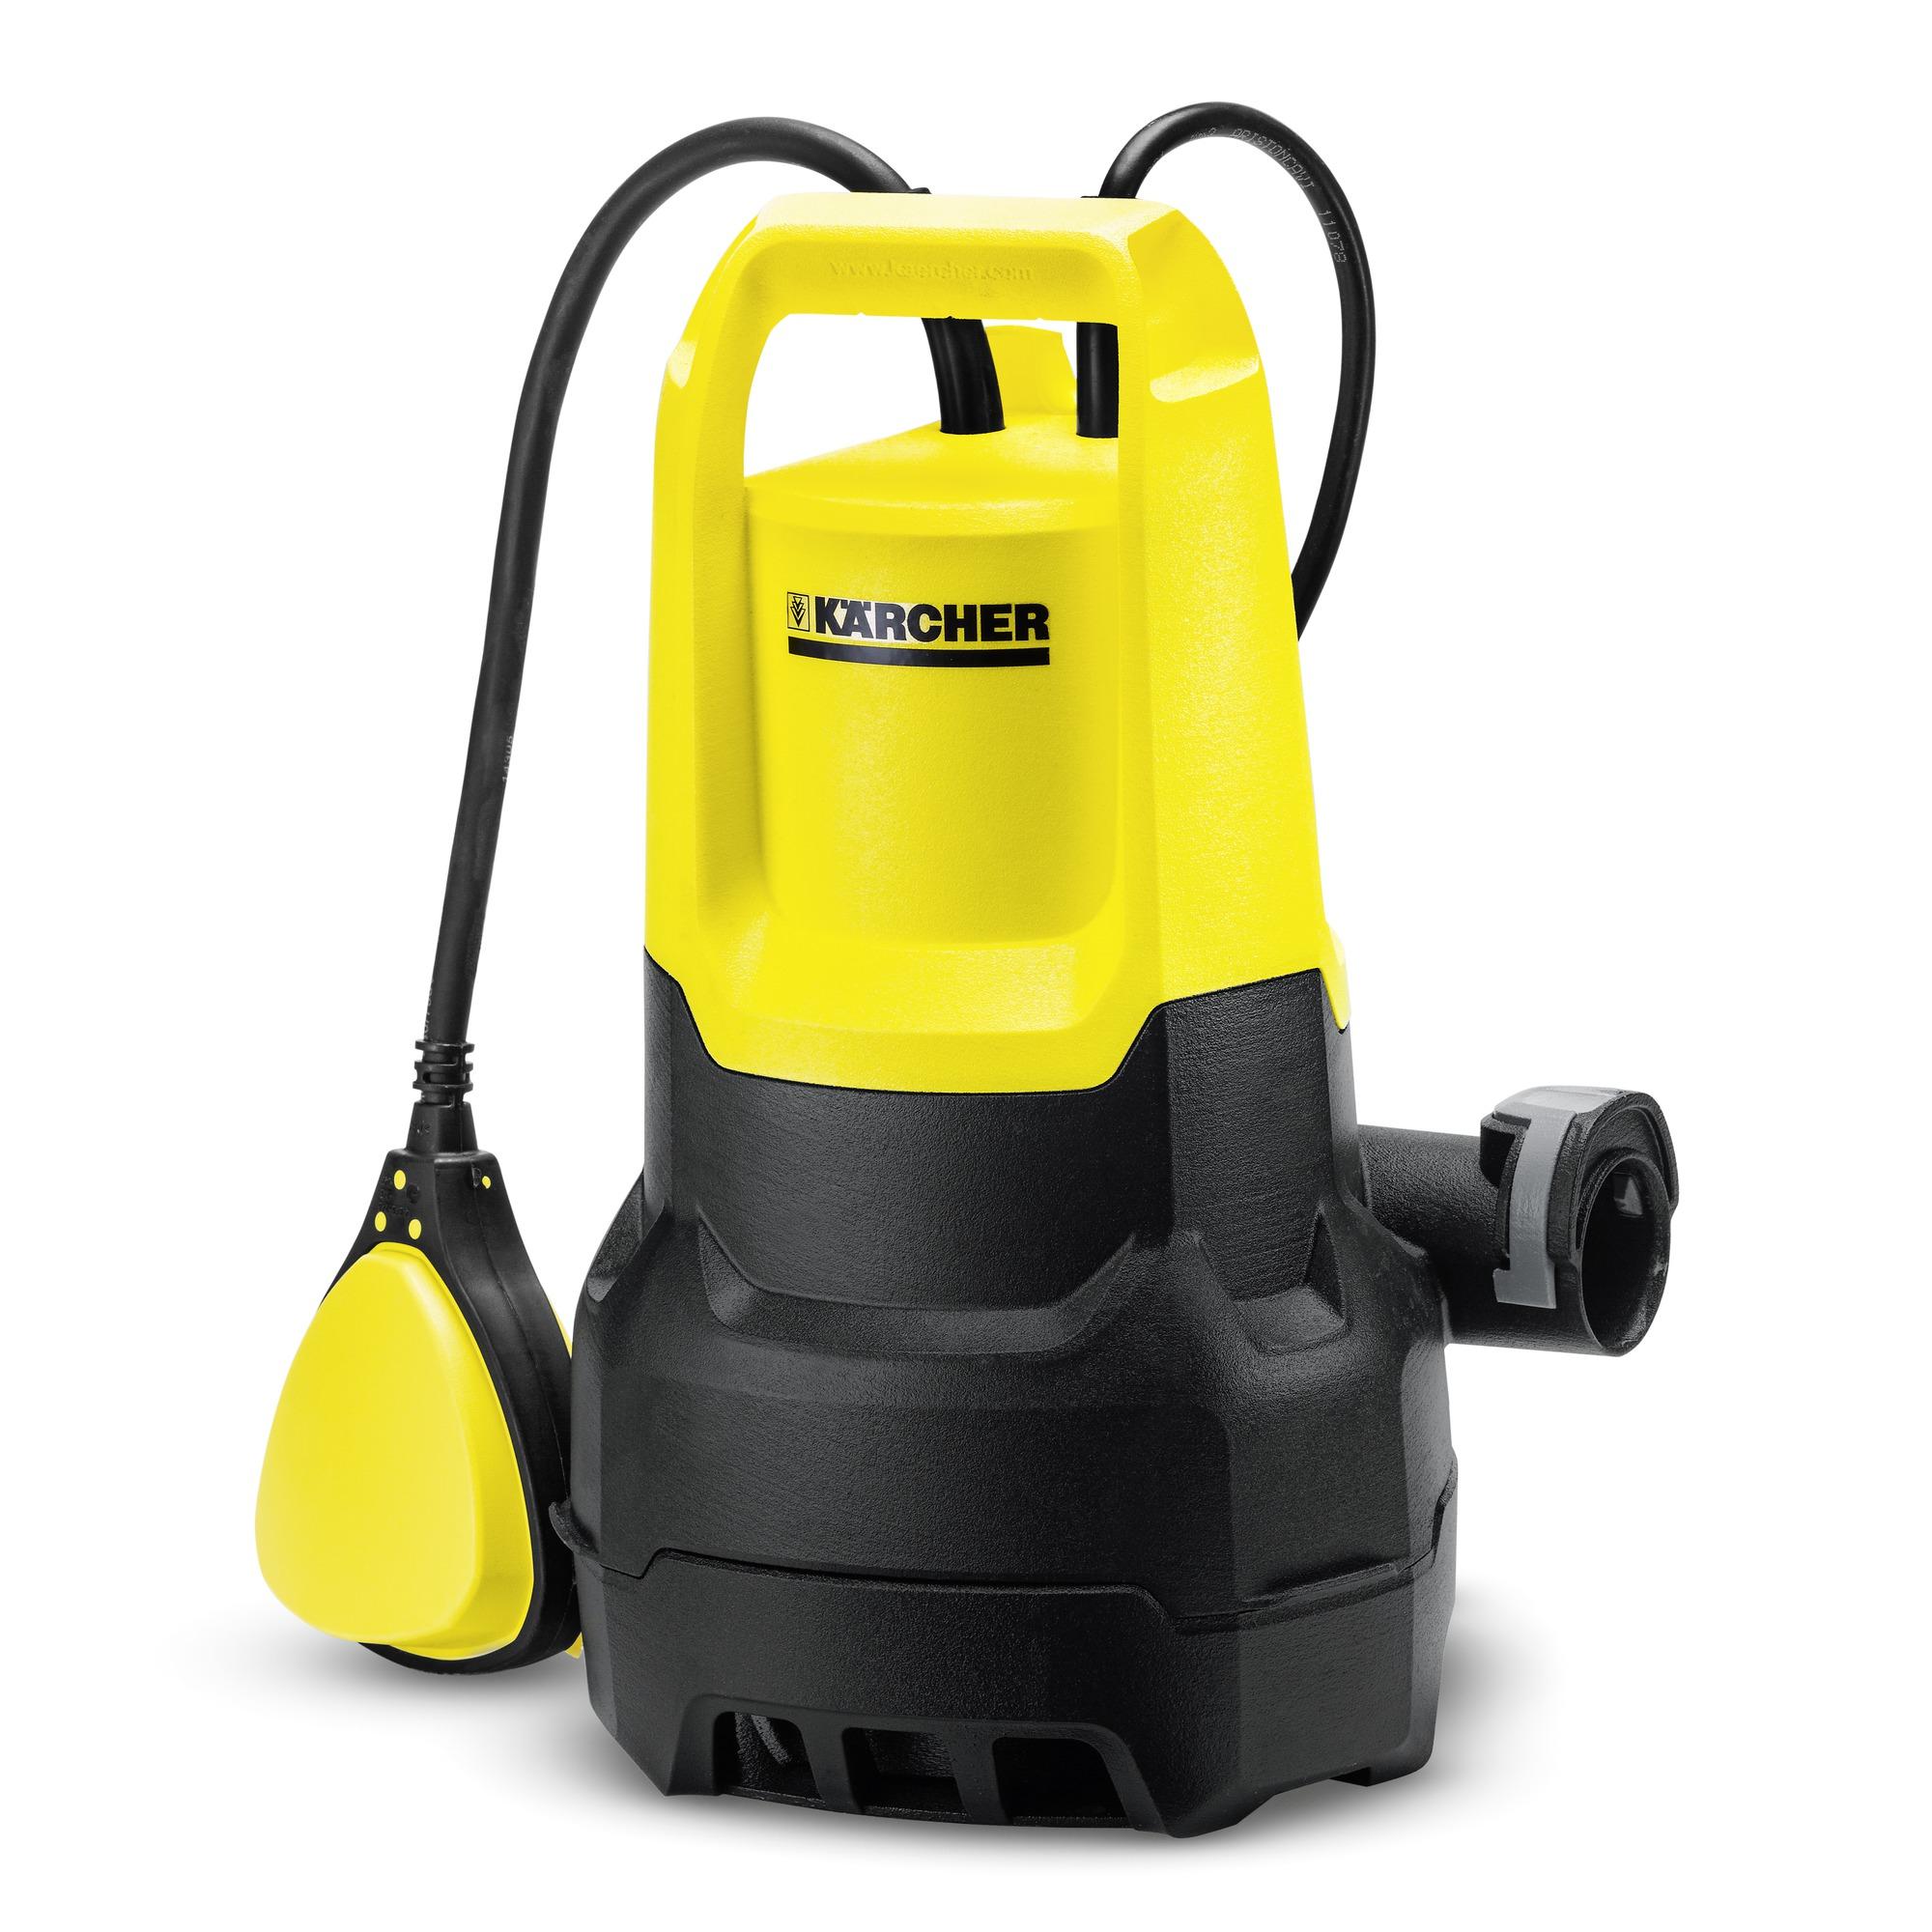 Kärcher - SP 3 Dirt Pump